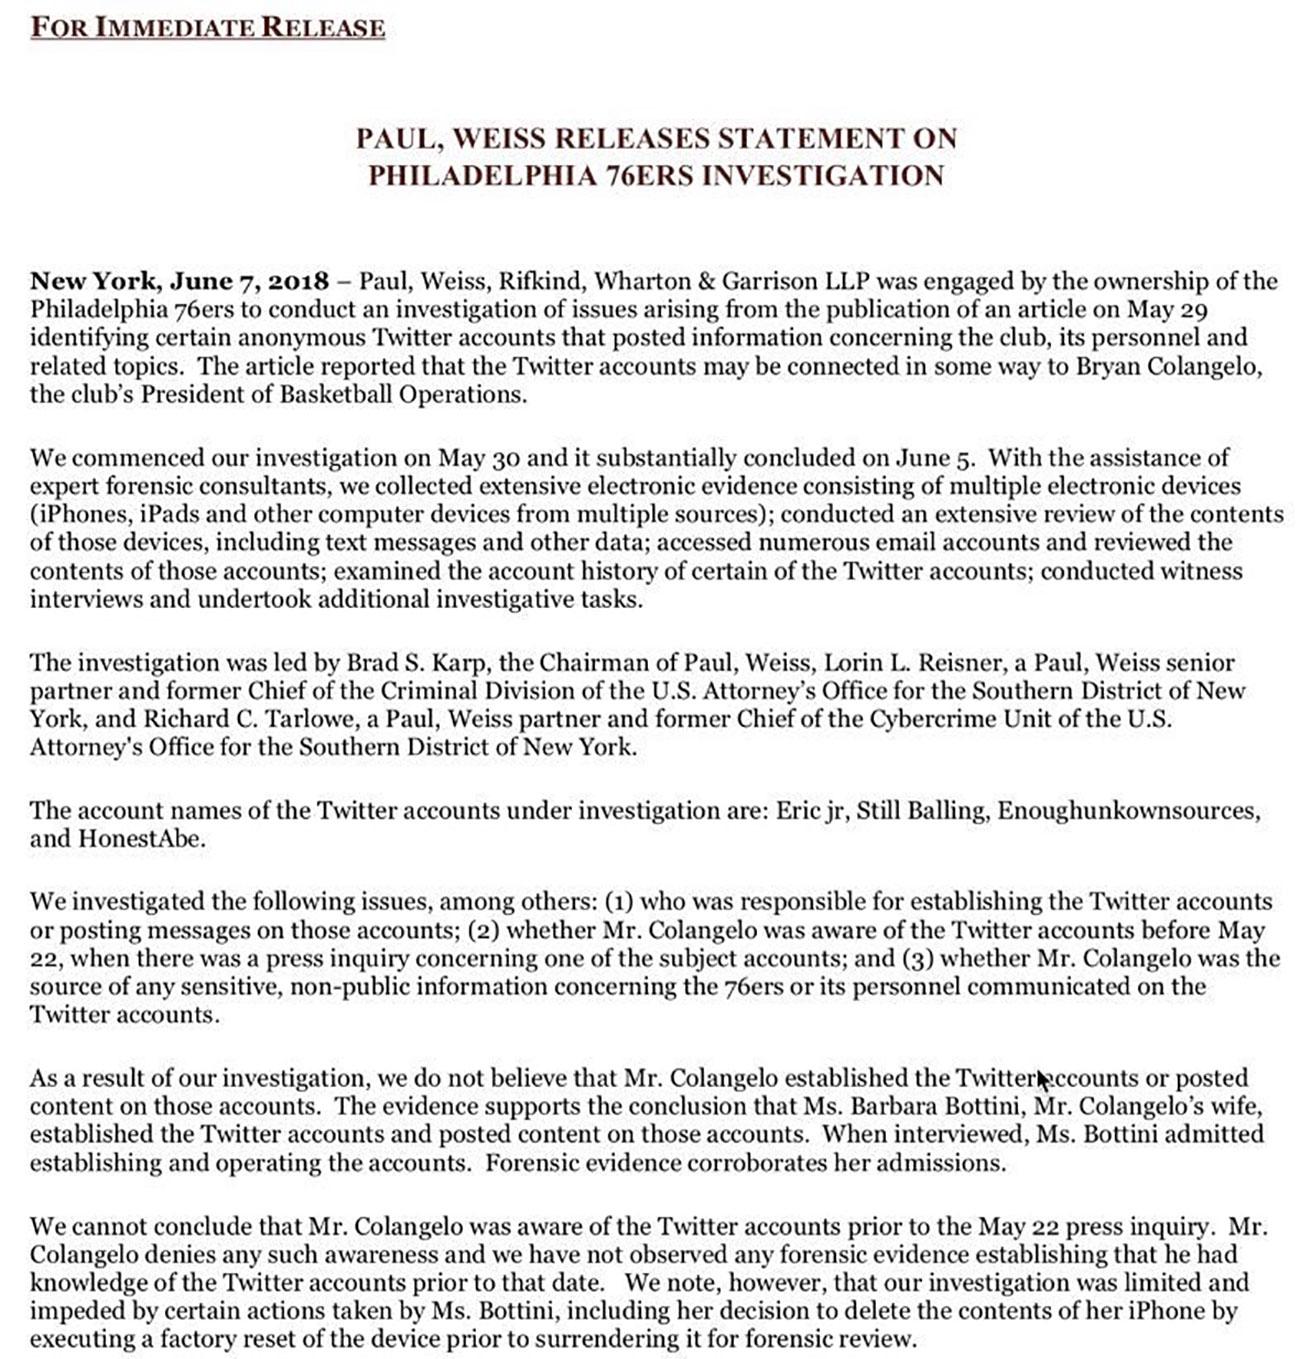 76ers investigation statement bryan colangelo barbara